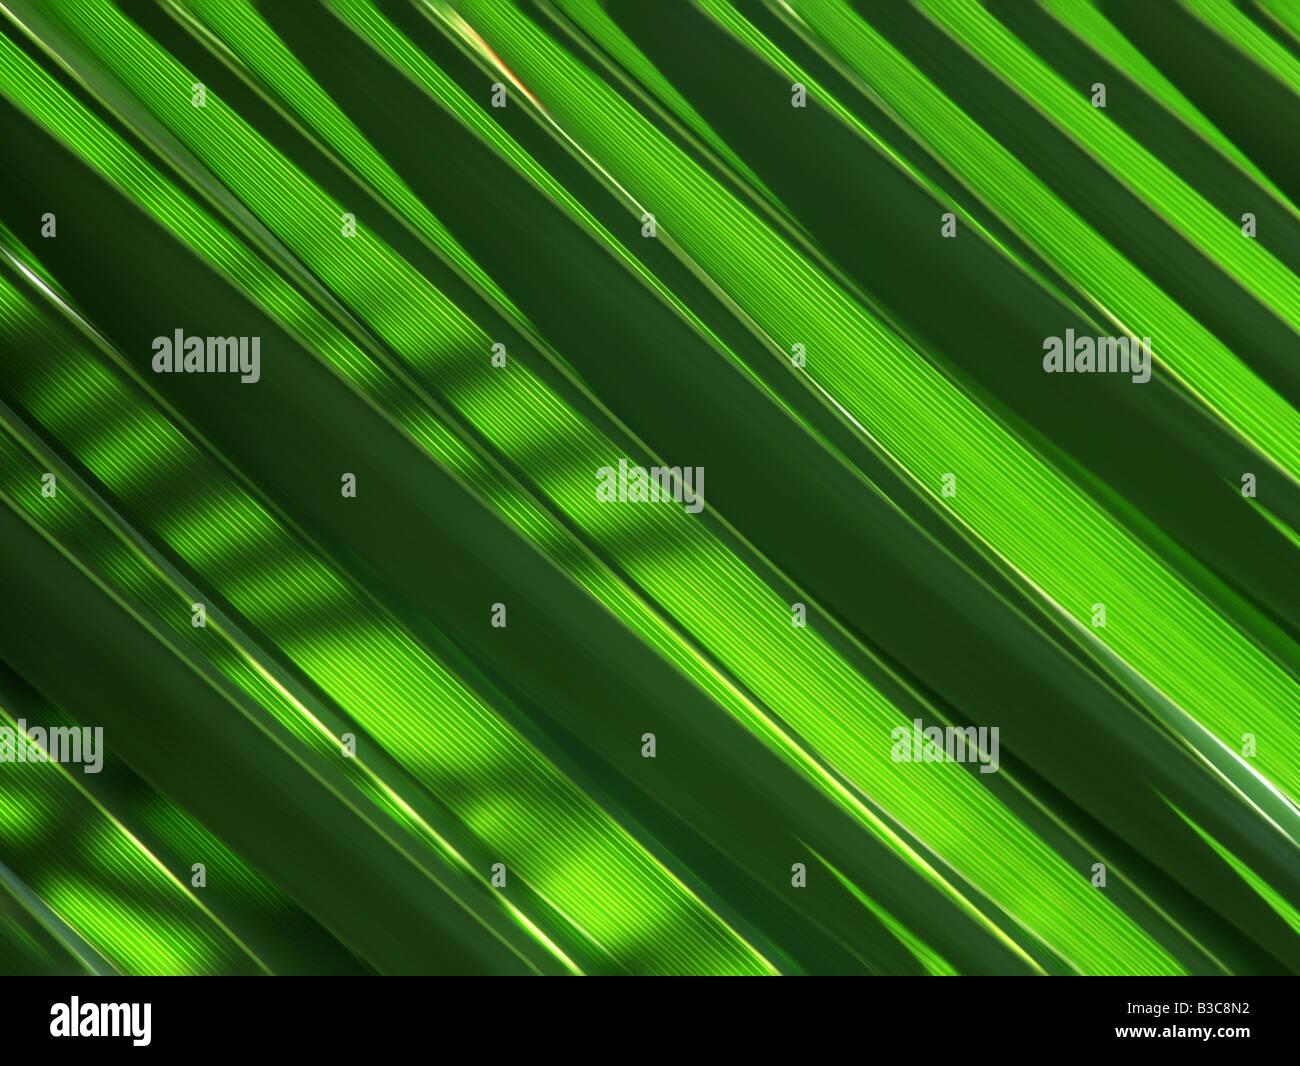 Verde di foglie di palma foglie fresche tonalità di luce verde di piante esotiche, verde palm, foglie, sfondo, Immagini Stock